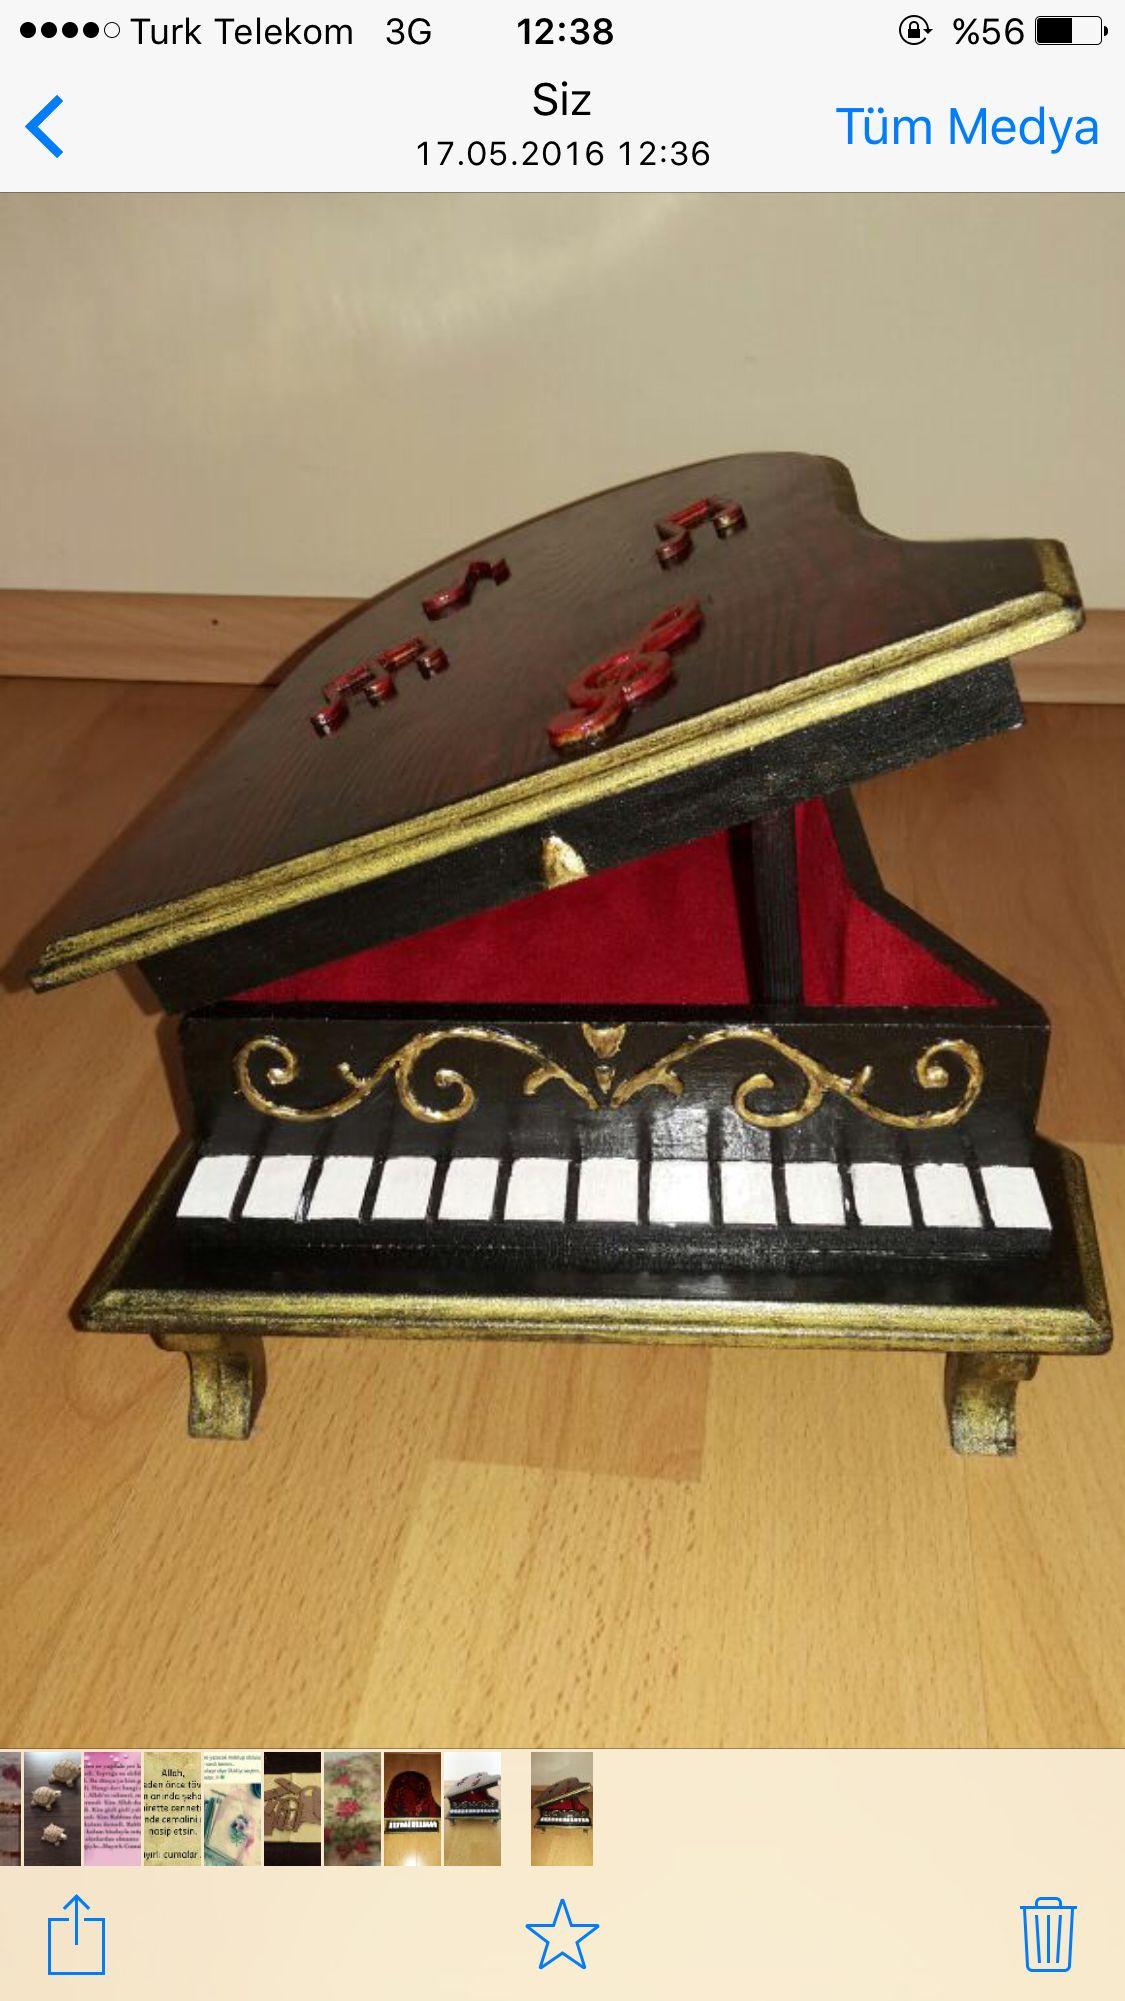 Pin modern dekoratif 252 r 252 nler on pinterest - Ah Ap Boyama Piyano